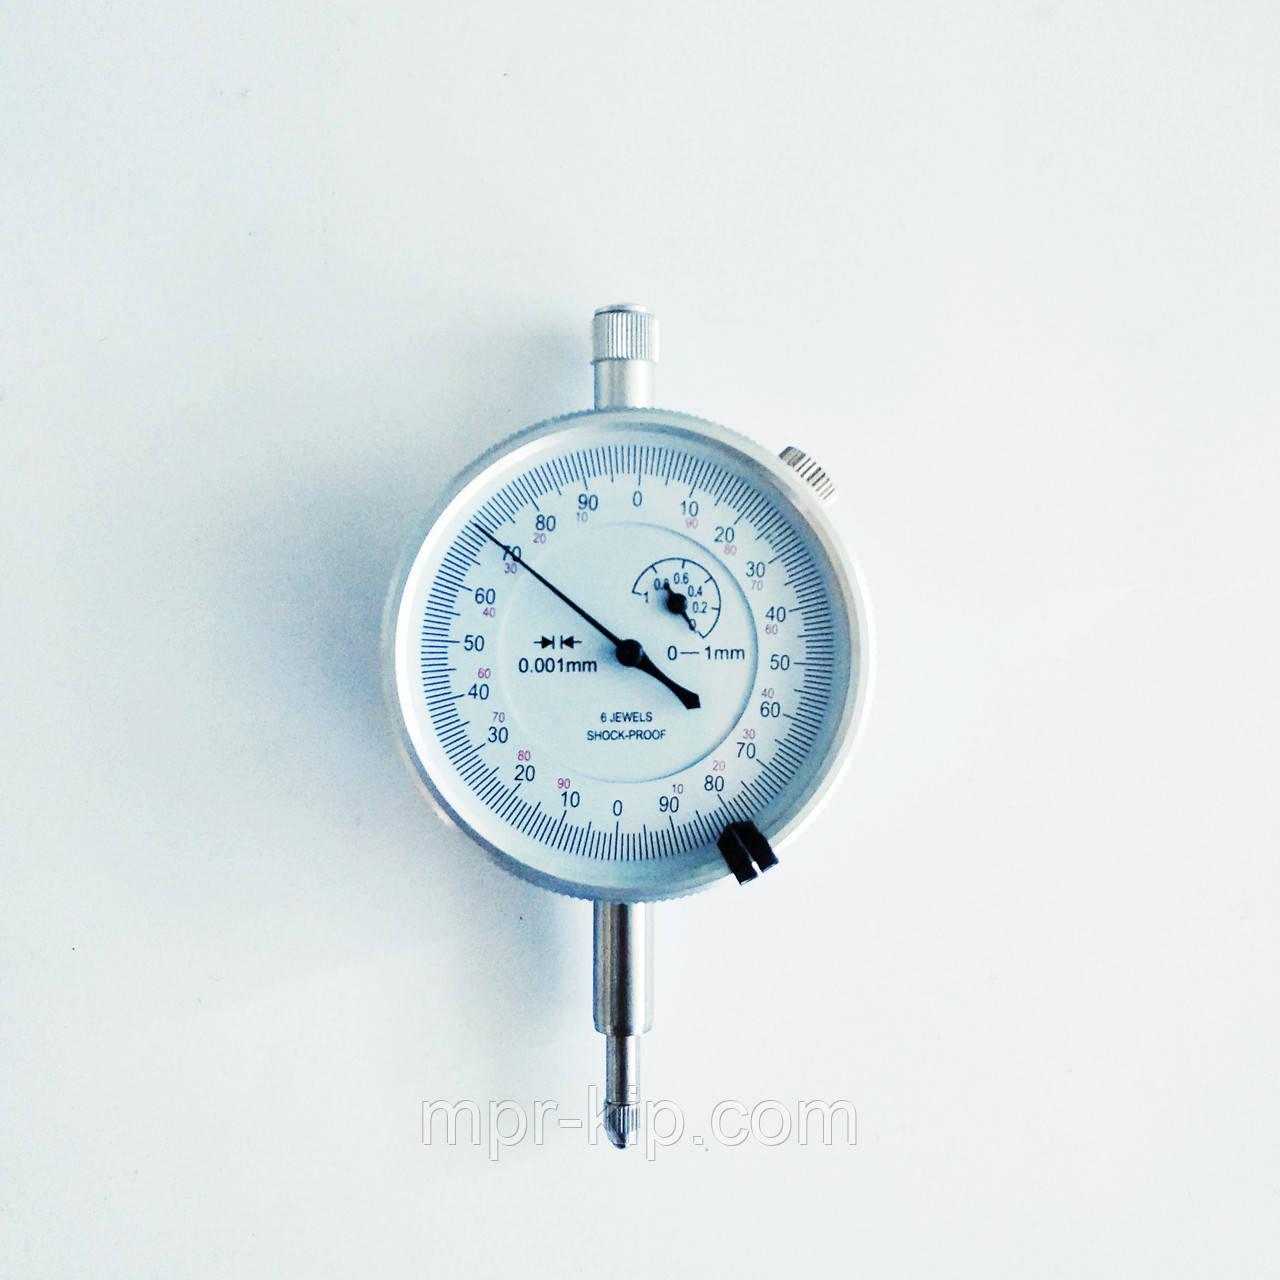 Індикатор годинникового типу KM-113-60S-1(0-1/0.001 мм) без вушок